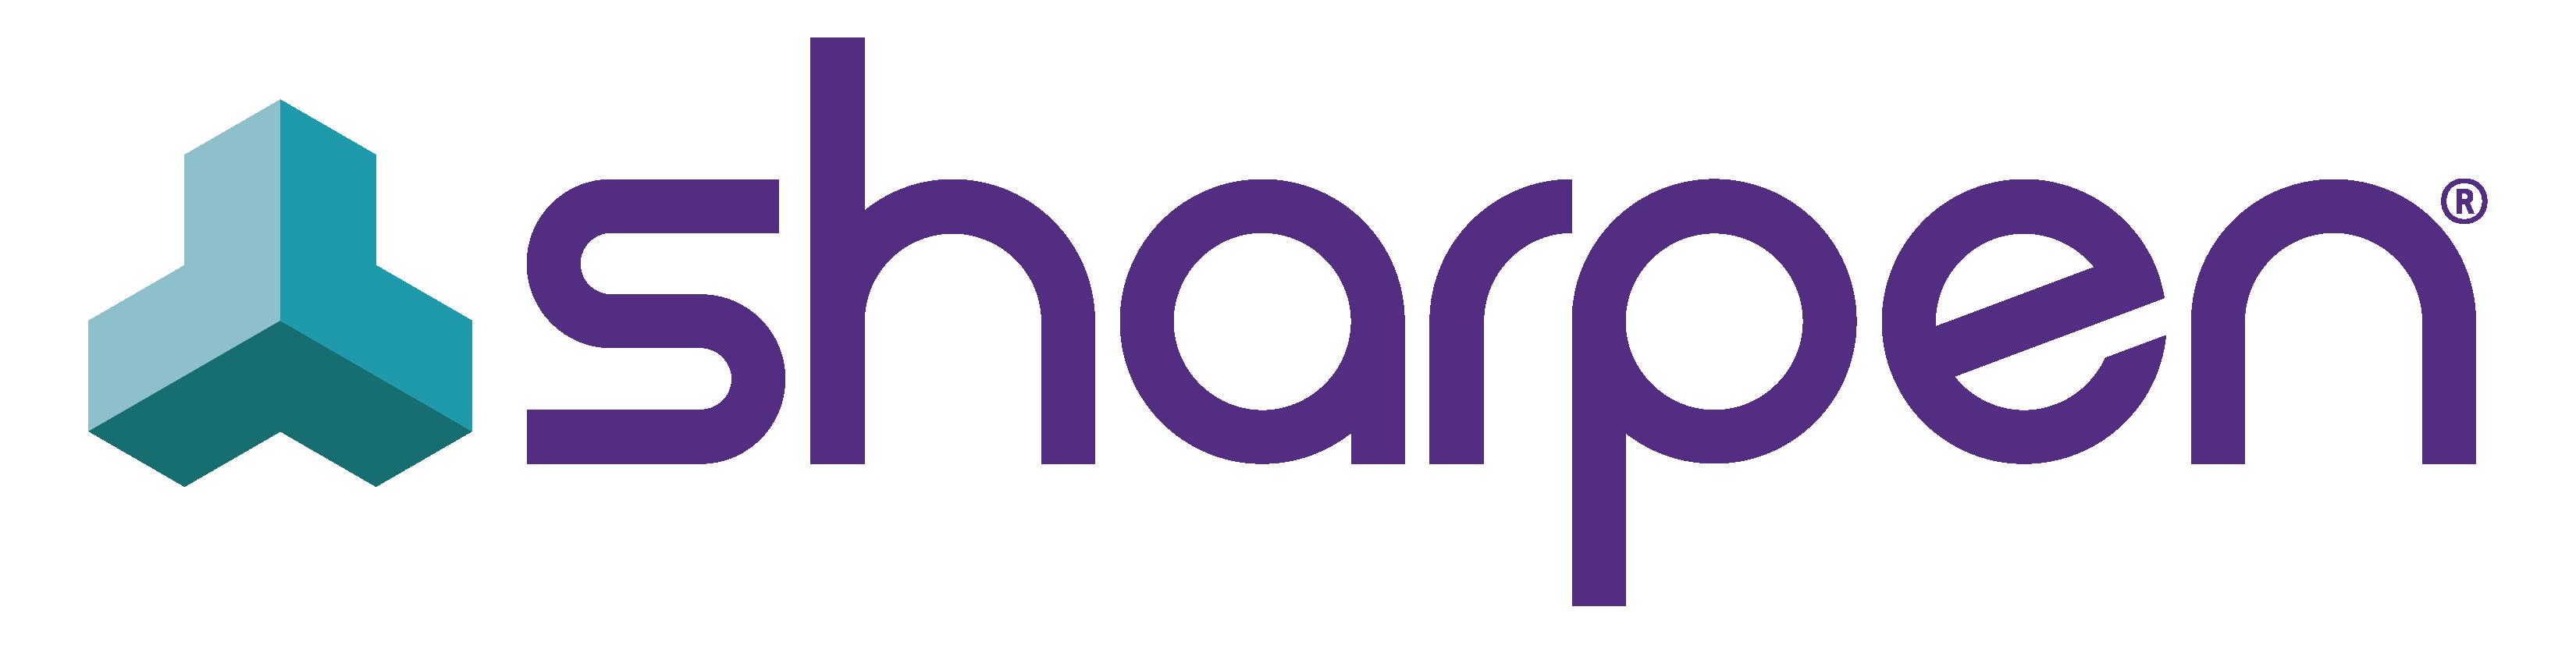 Sharpen Logo Purple